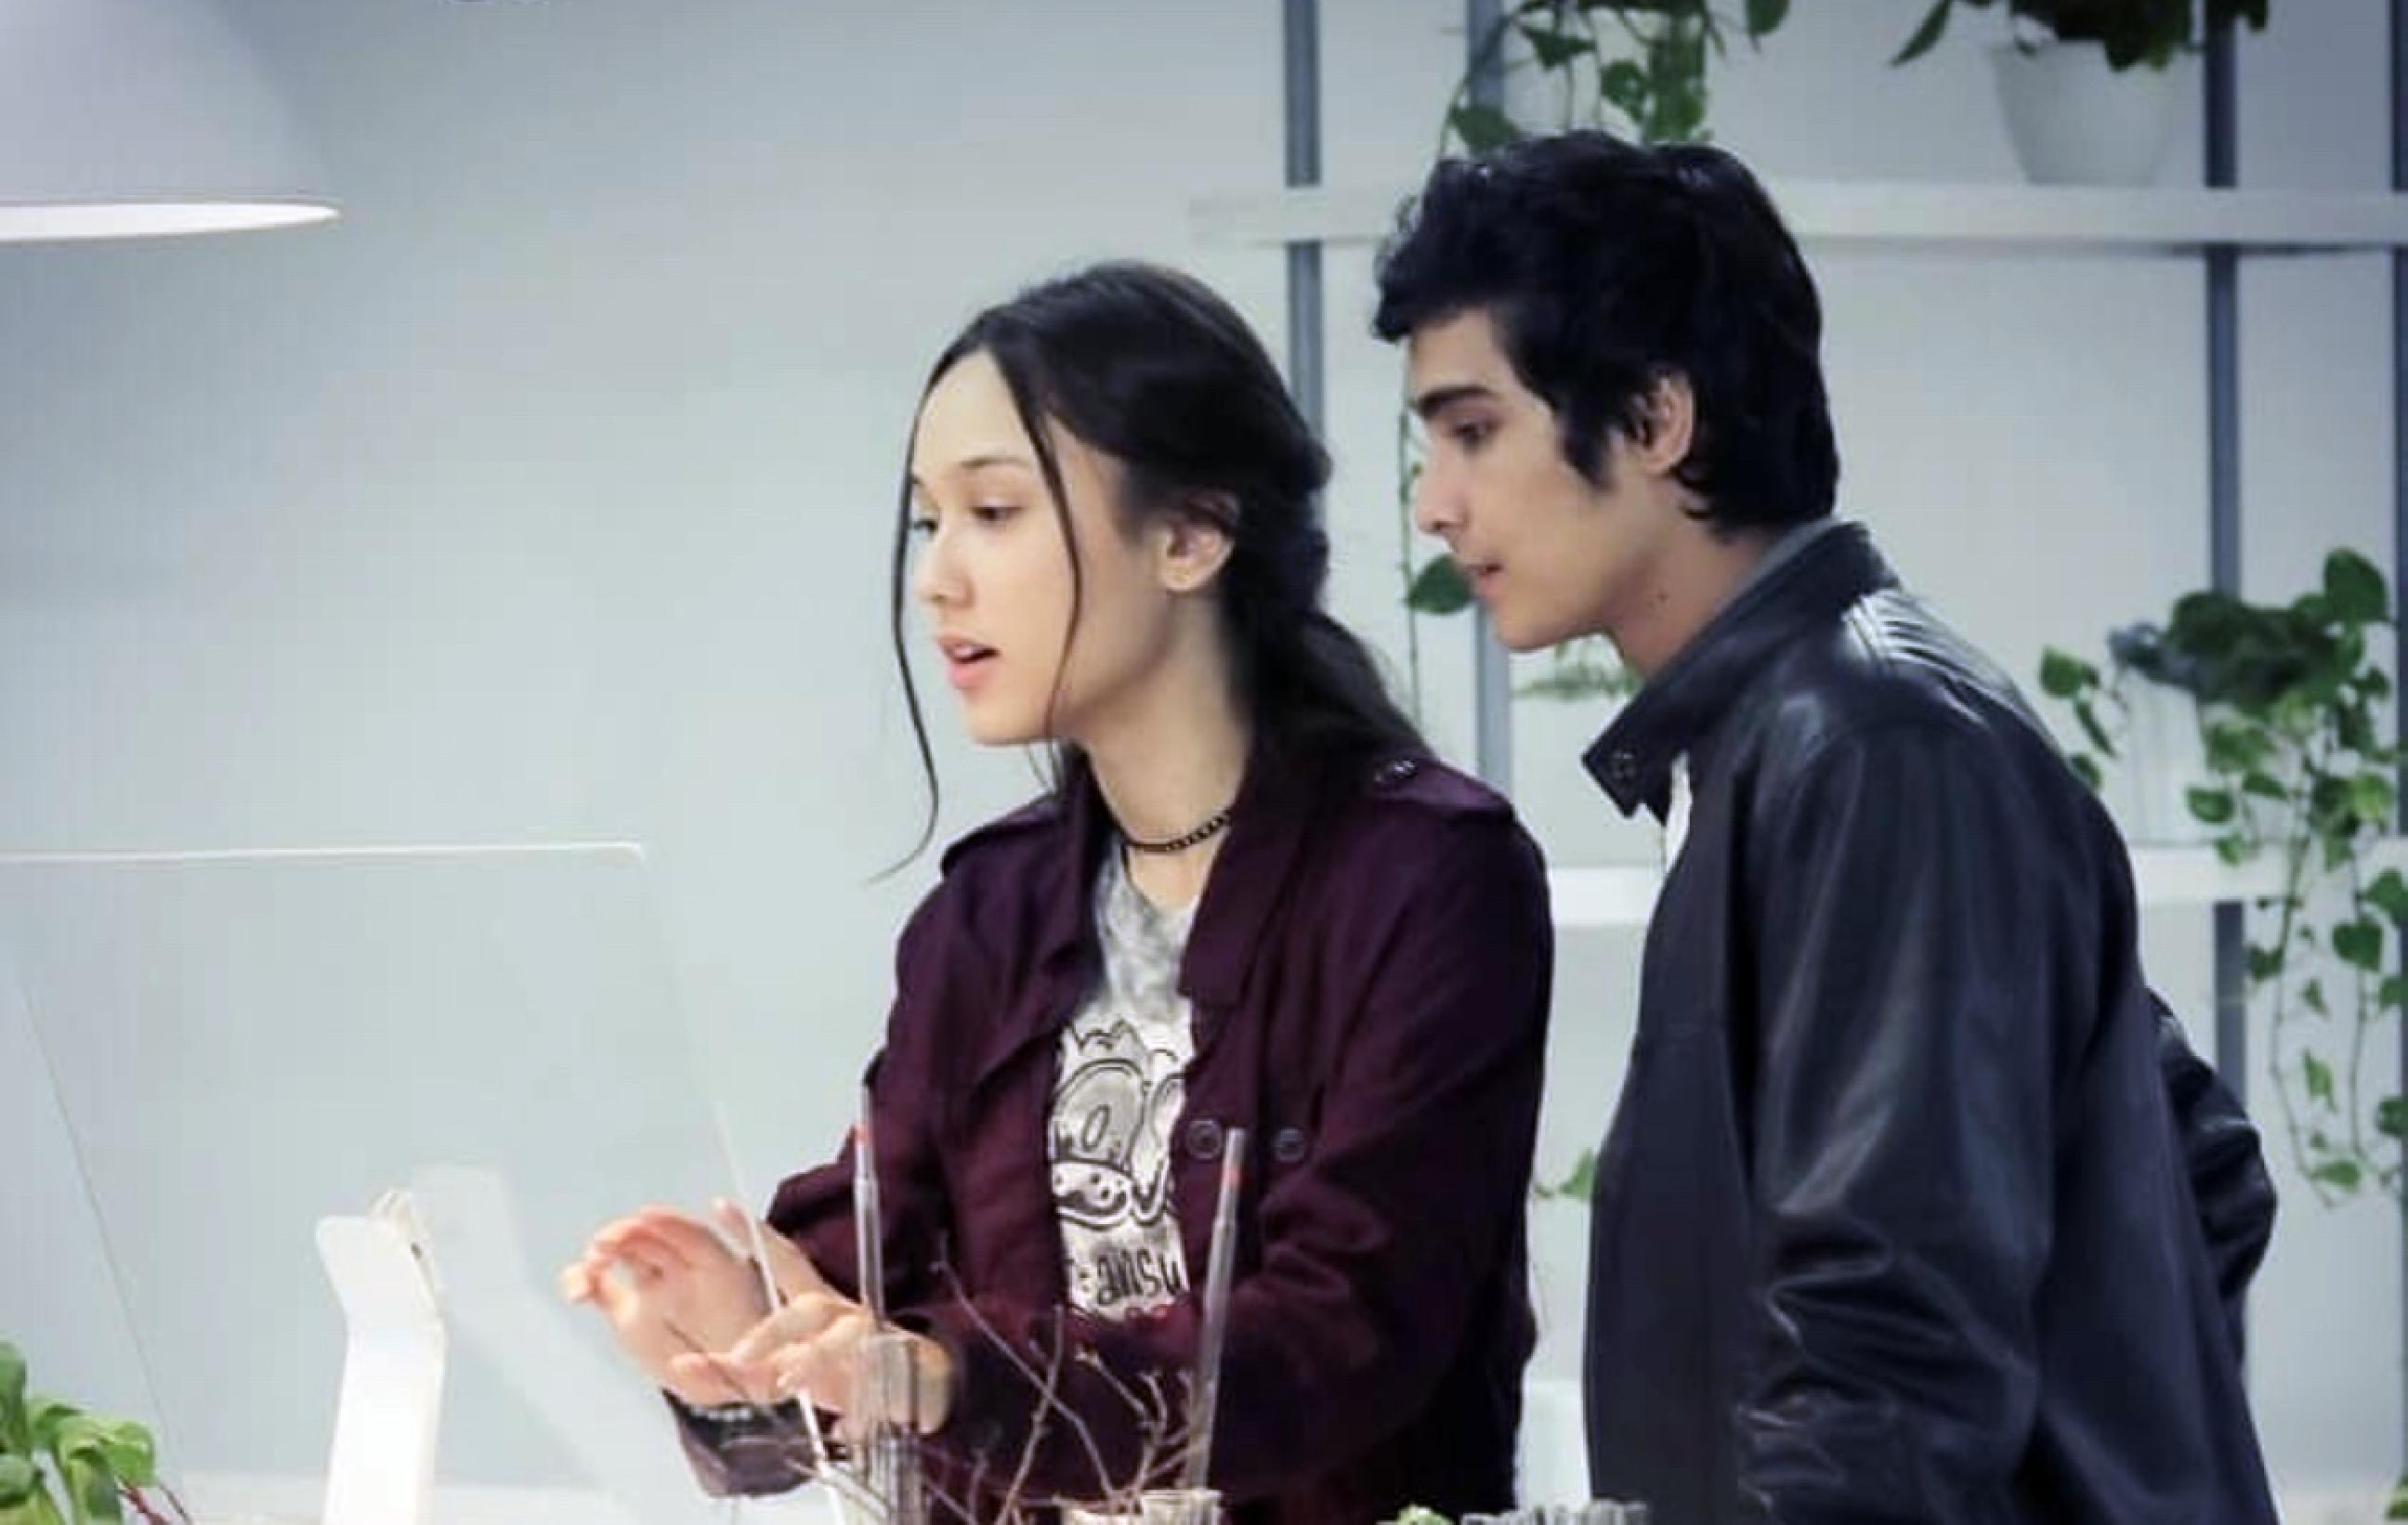 Nih film yang menggambarkan Indonesia di tahun 2045, ada hacker cantik